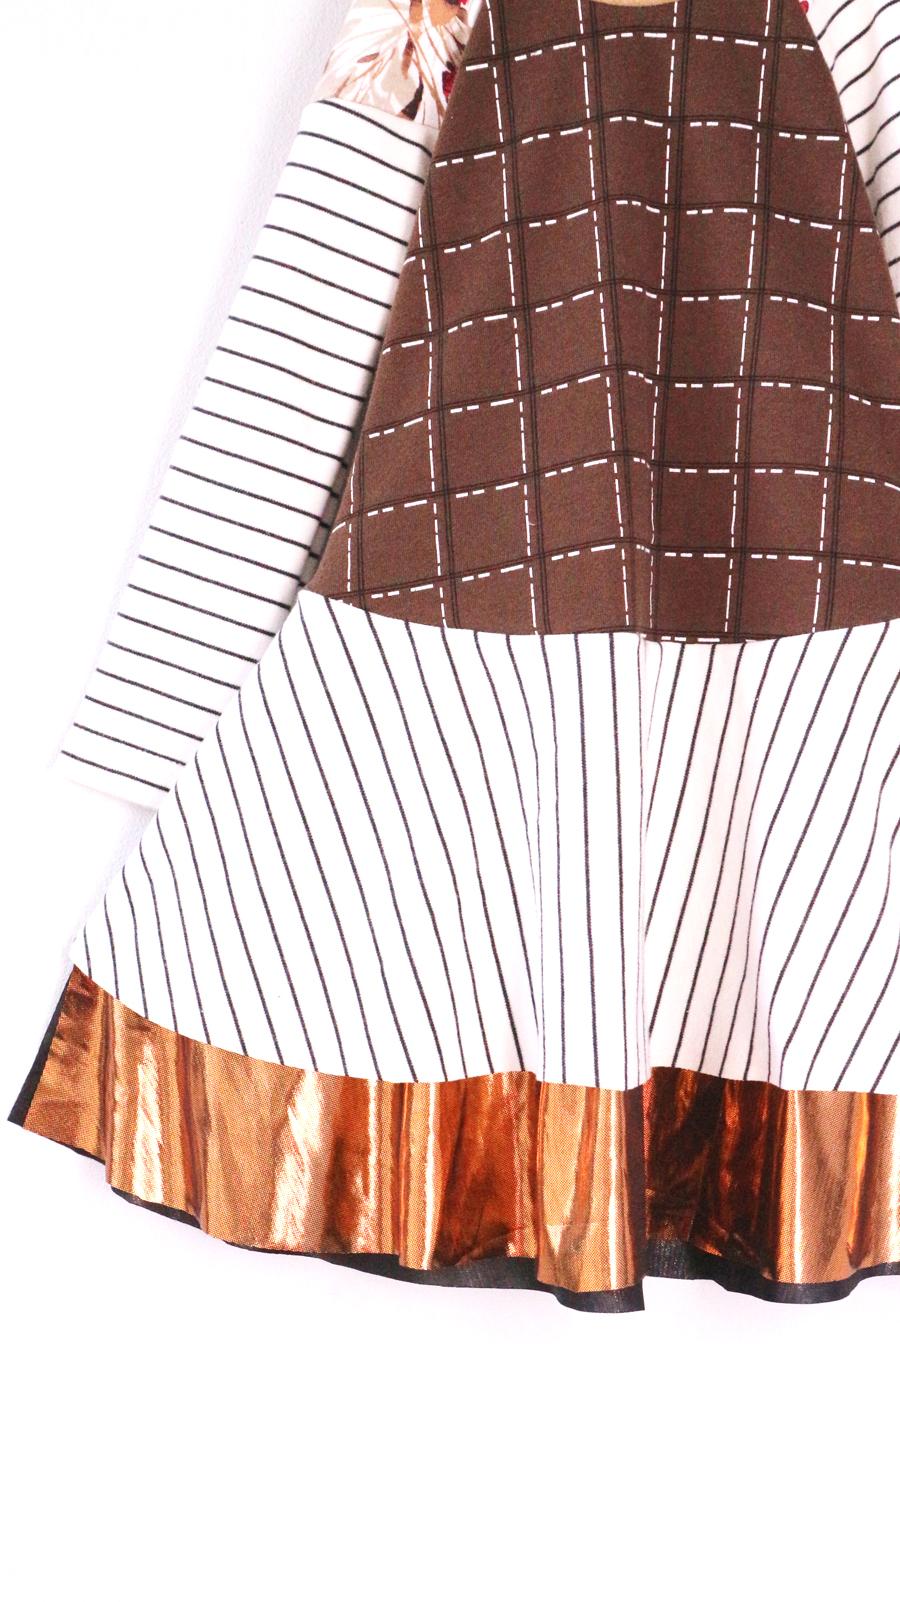 detail 3T lamé:stripe:ls.jpg